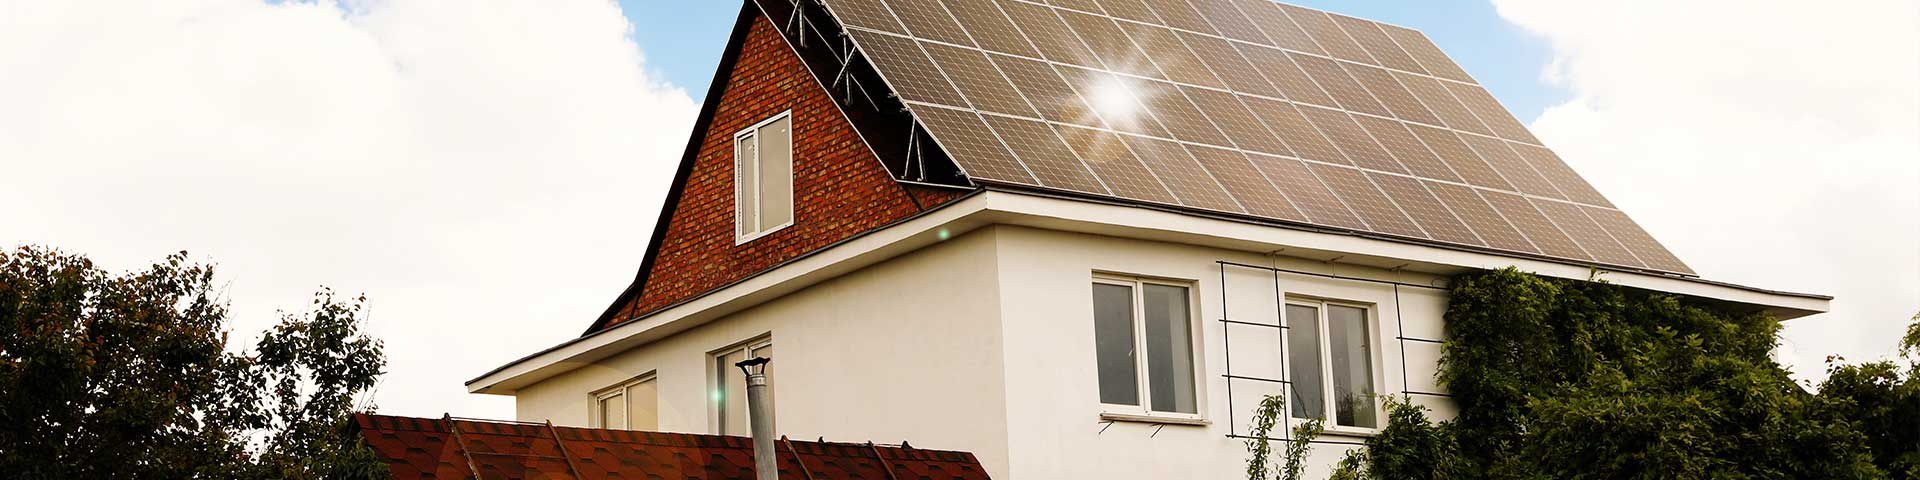 panele fotowoltaiczne odbijające światło na dachu domu